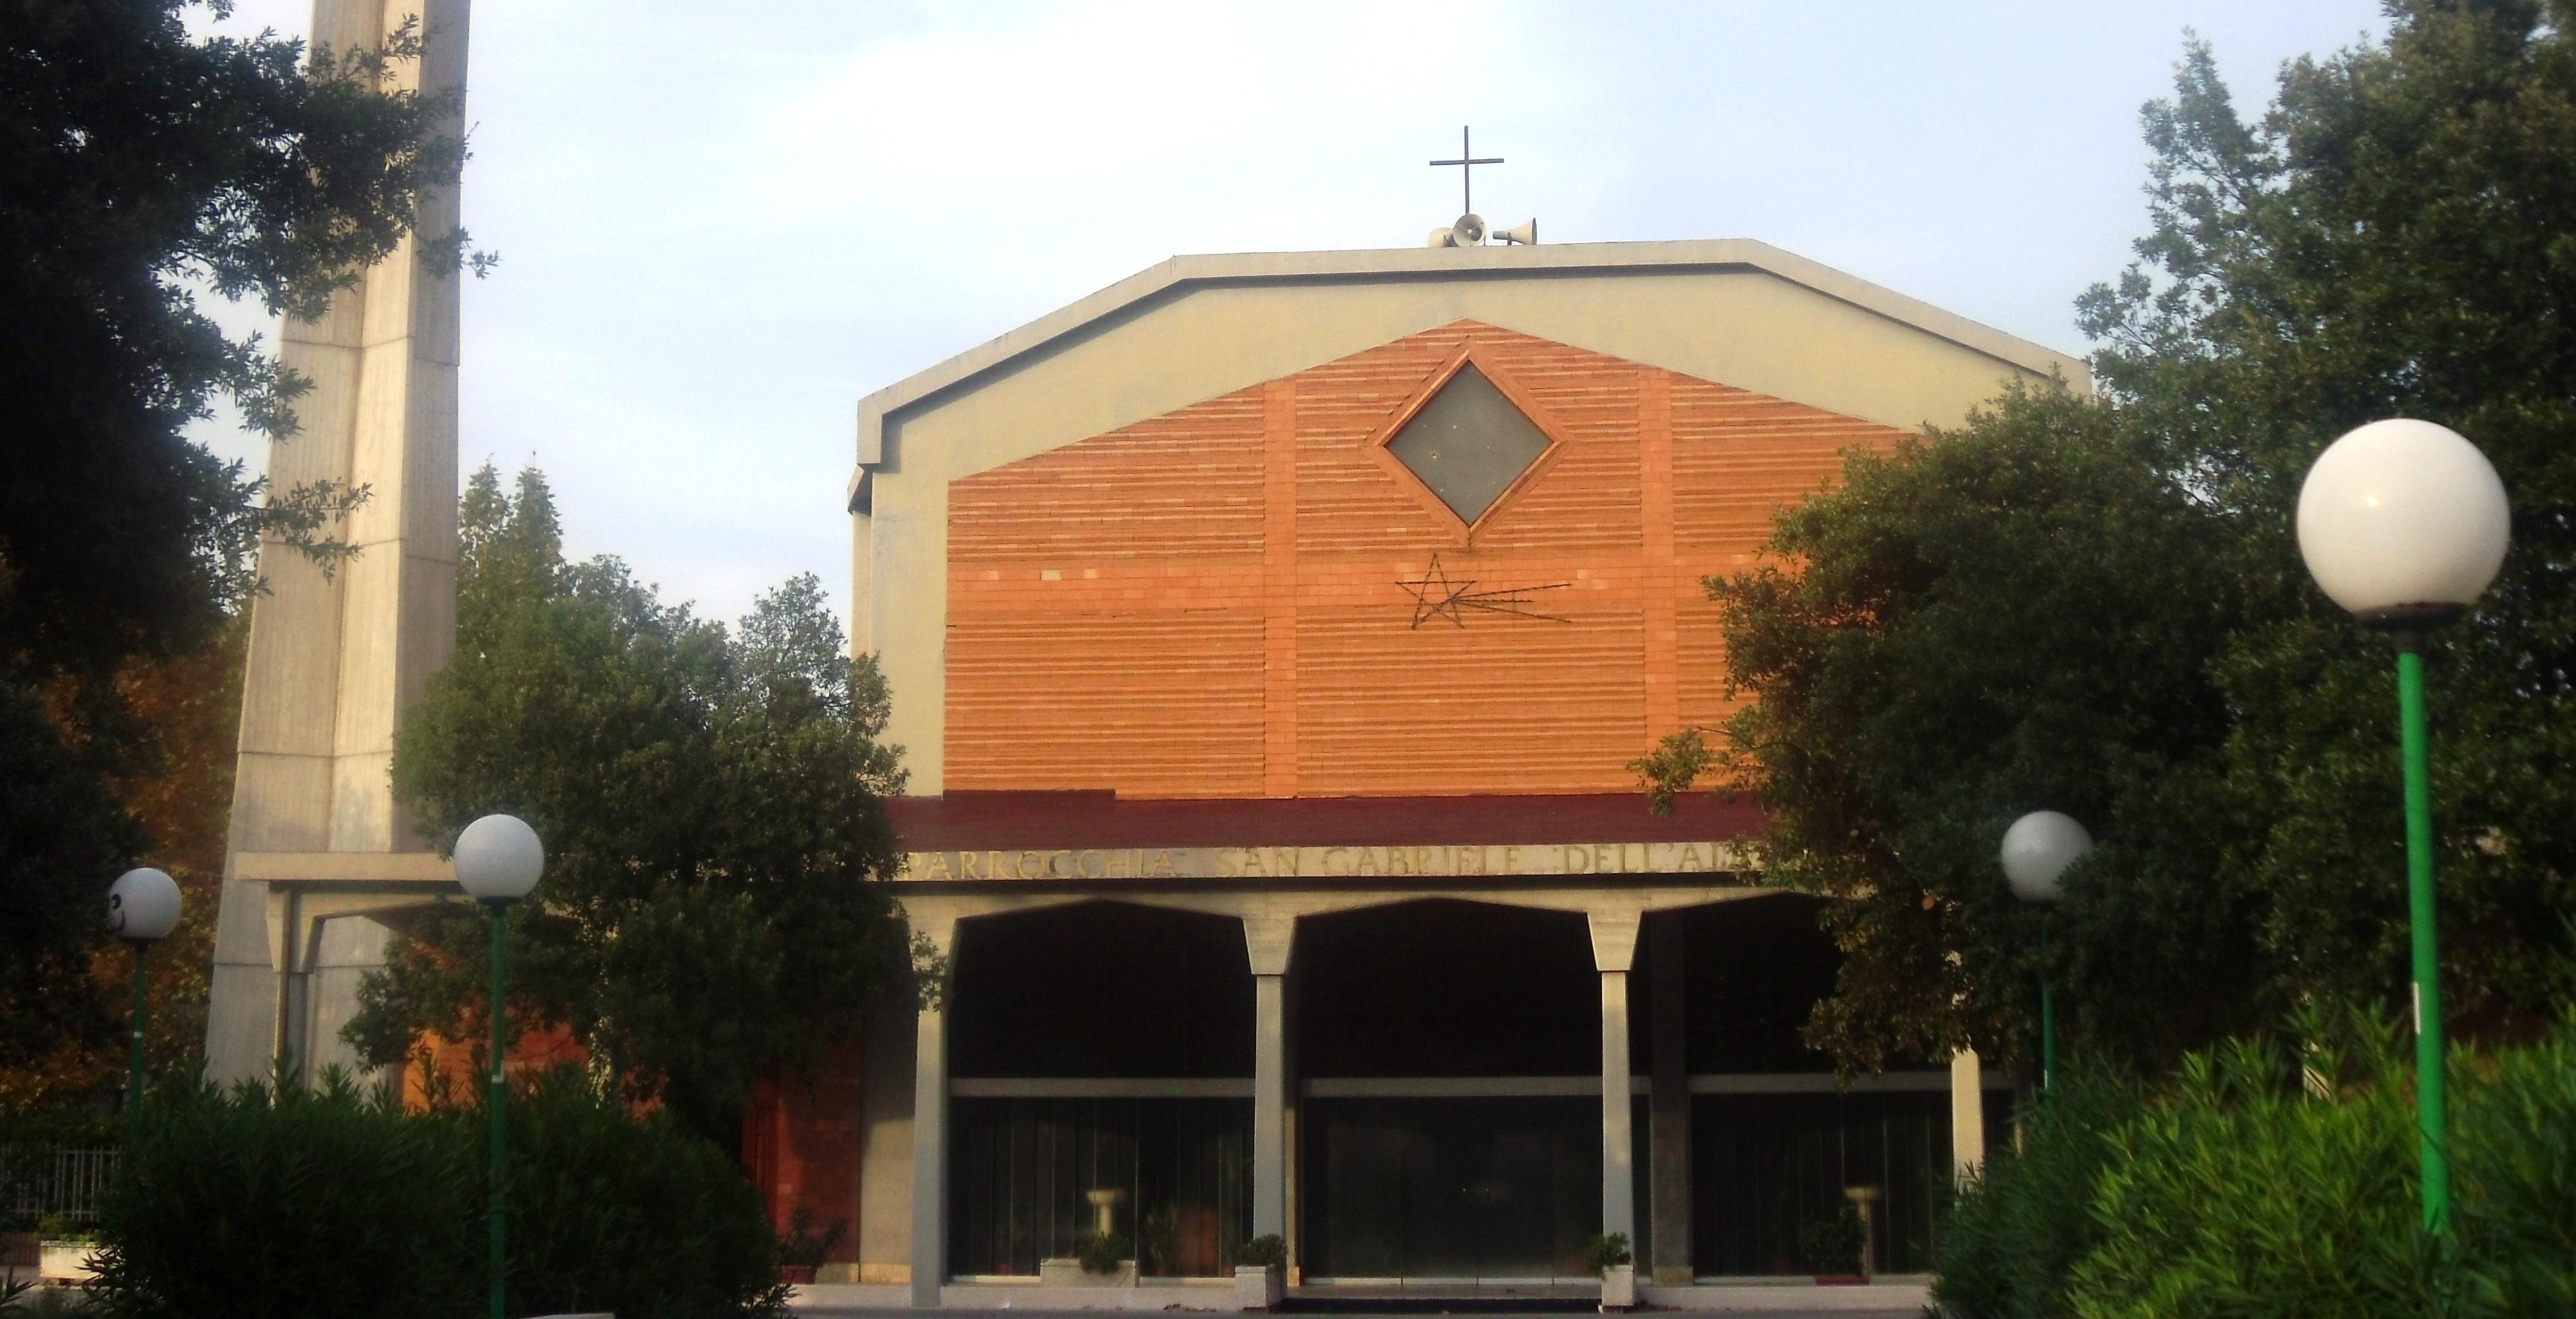 parrocchia san Gabriele